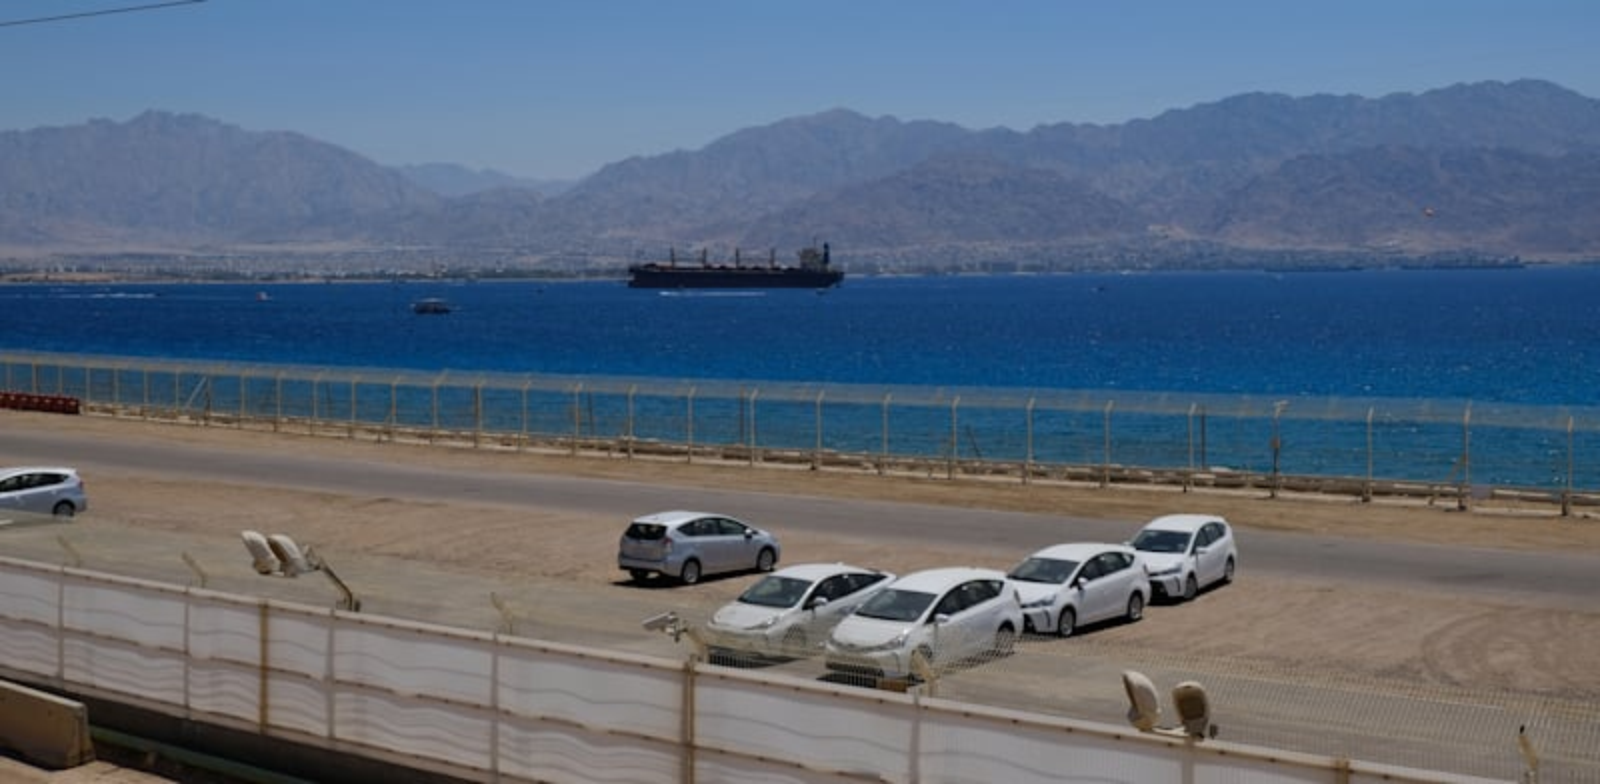 רכבים בנמל אילת / צילום: איל יצהר